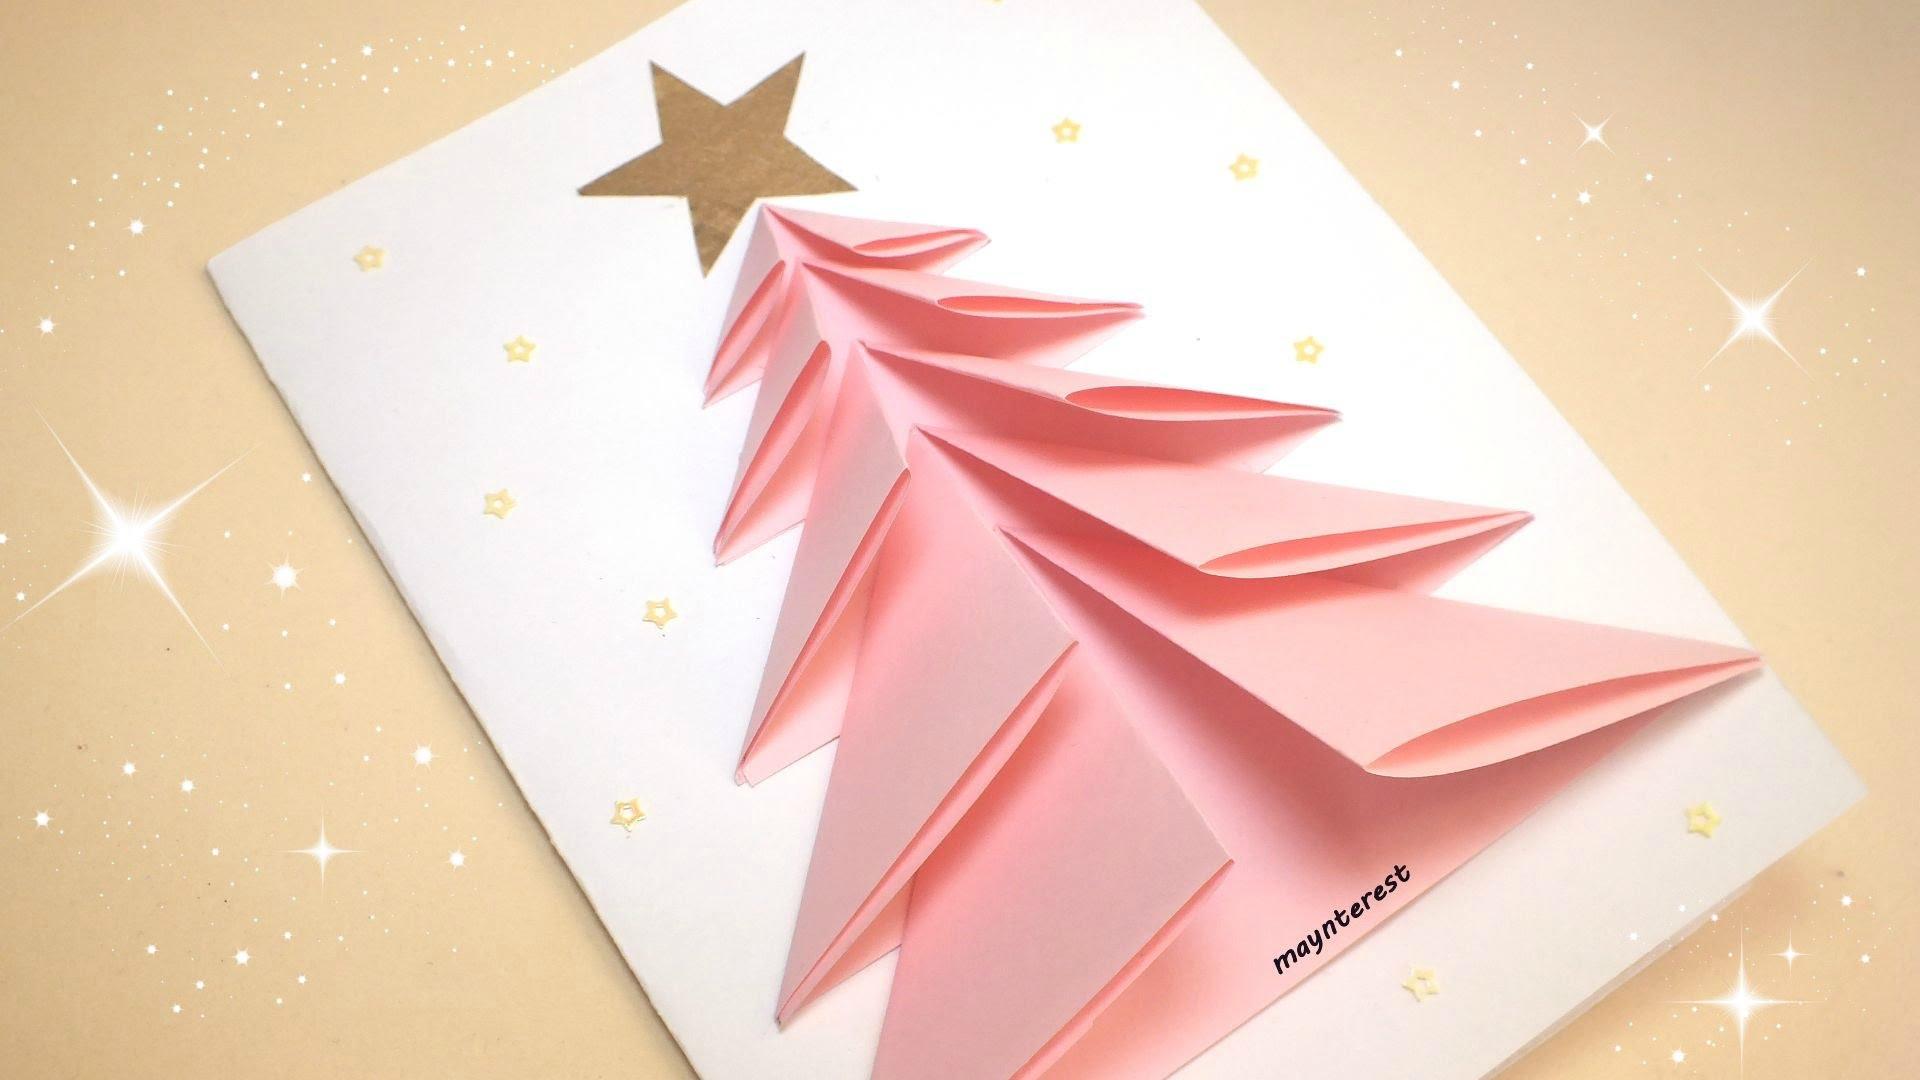 C mo hacer una bonita tarjeta de felicitaci n navide a - Manualidades para hacer en navidad ...